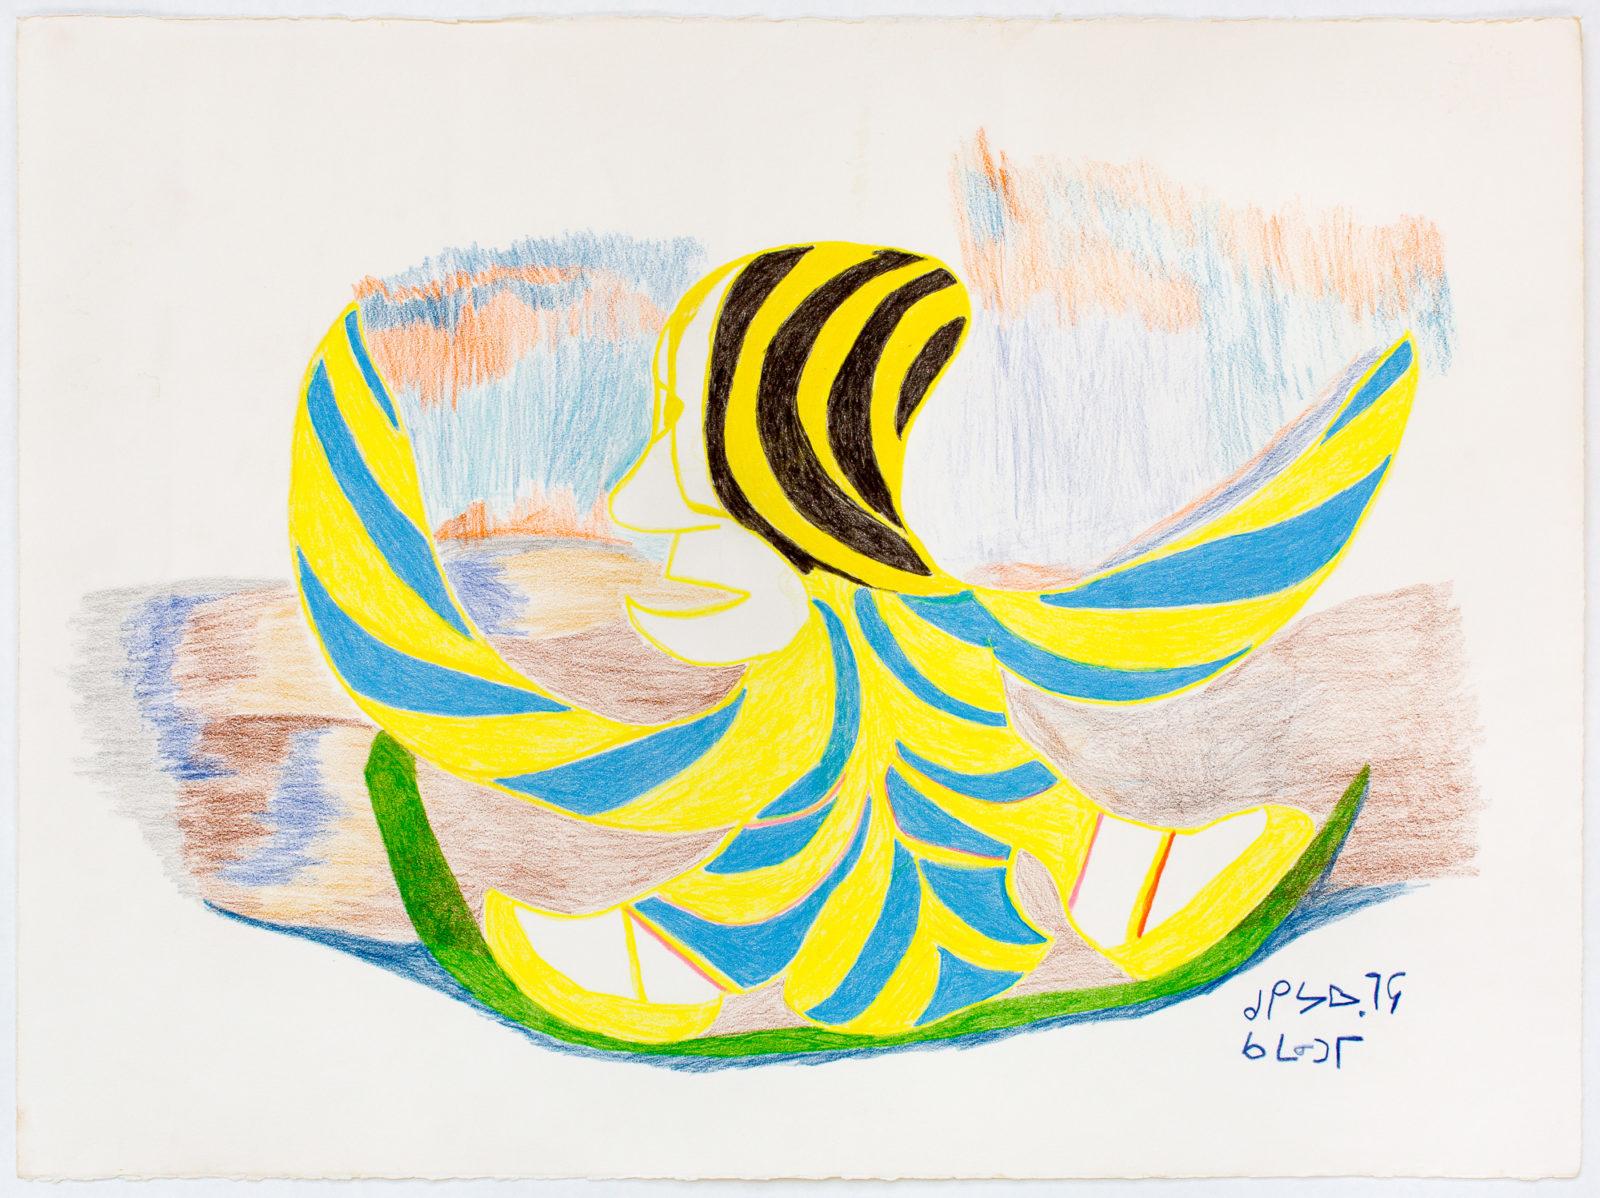 Myra Kukiiyaut - untitled (abstract figure)